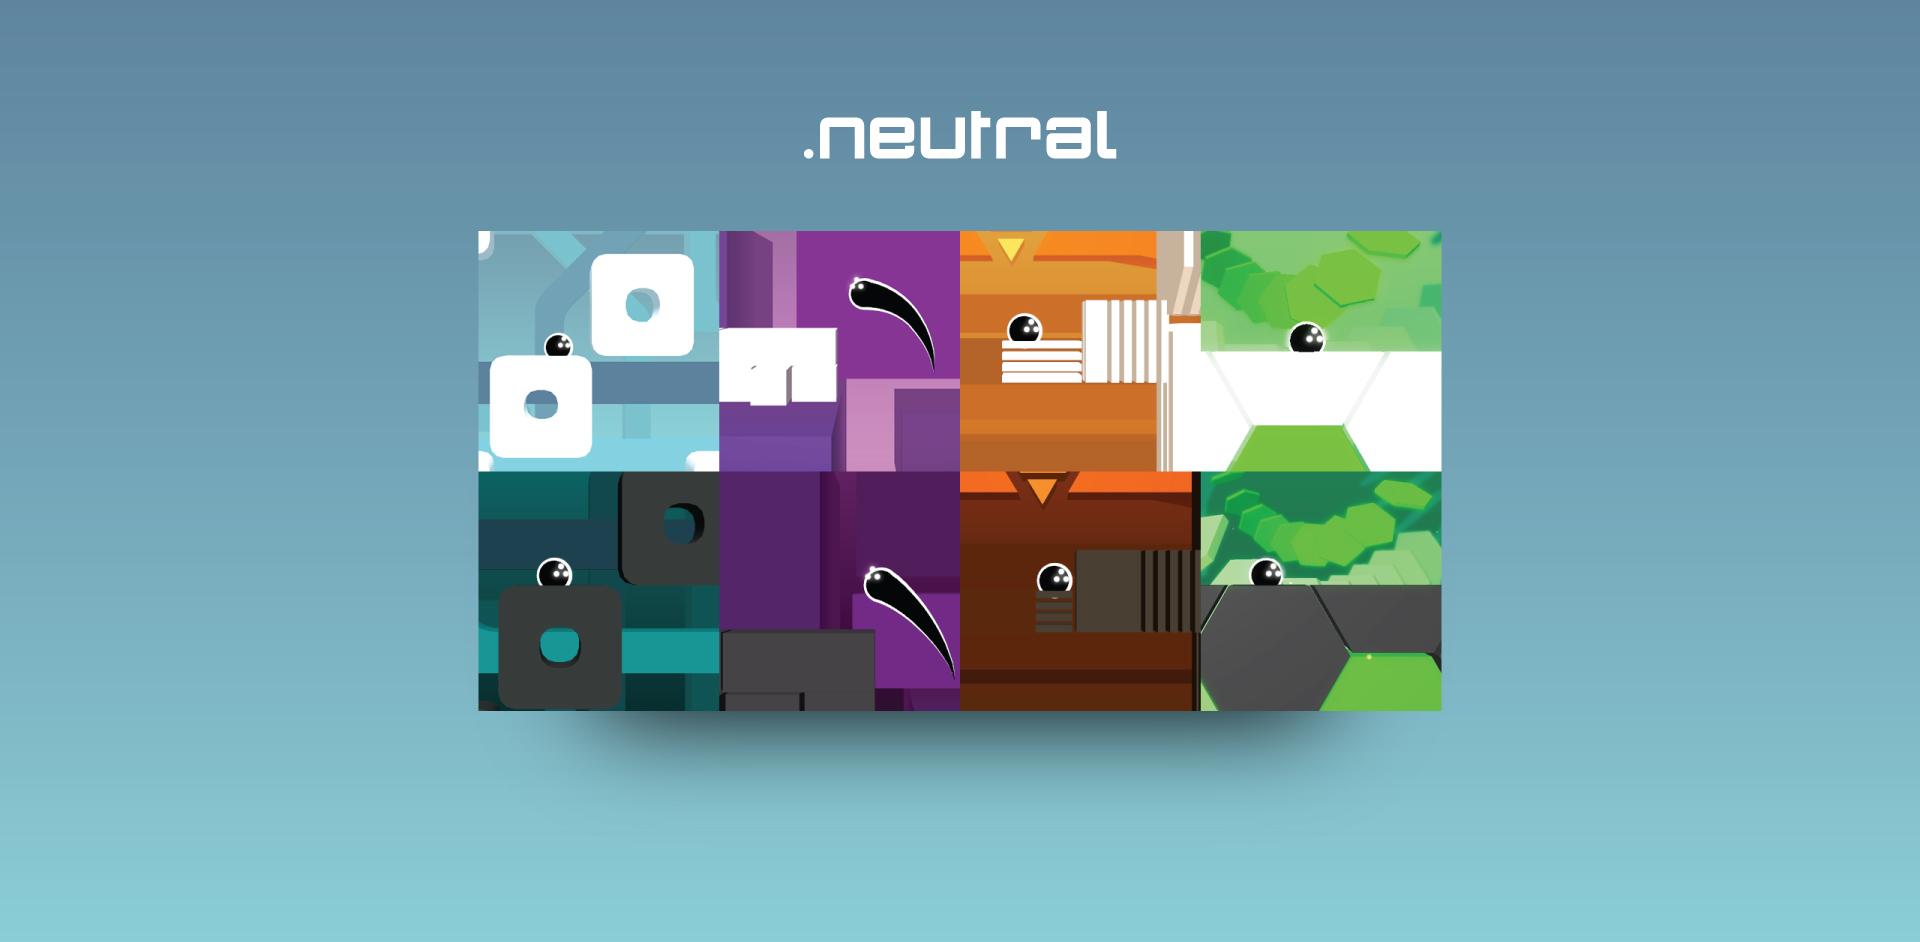 help_neutral